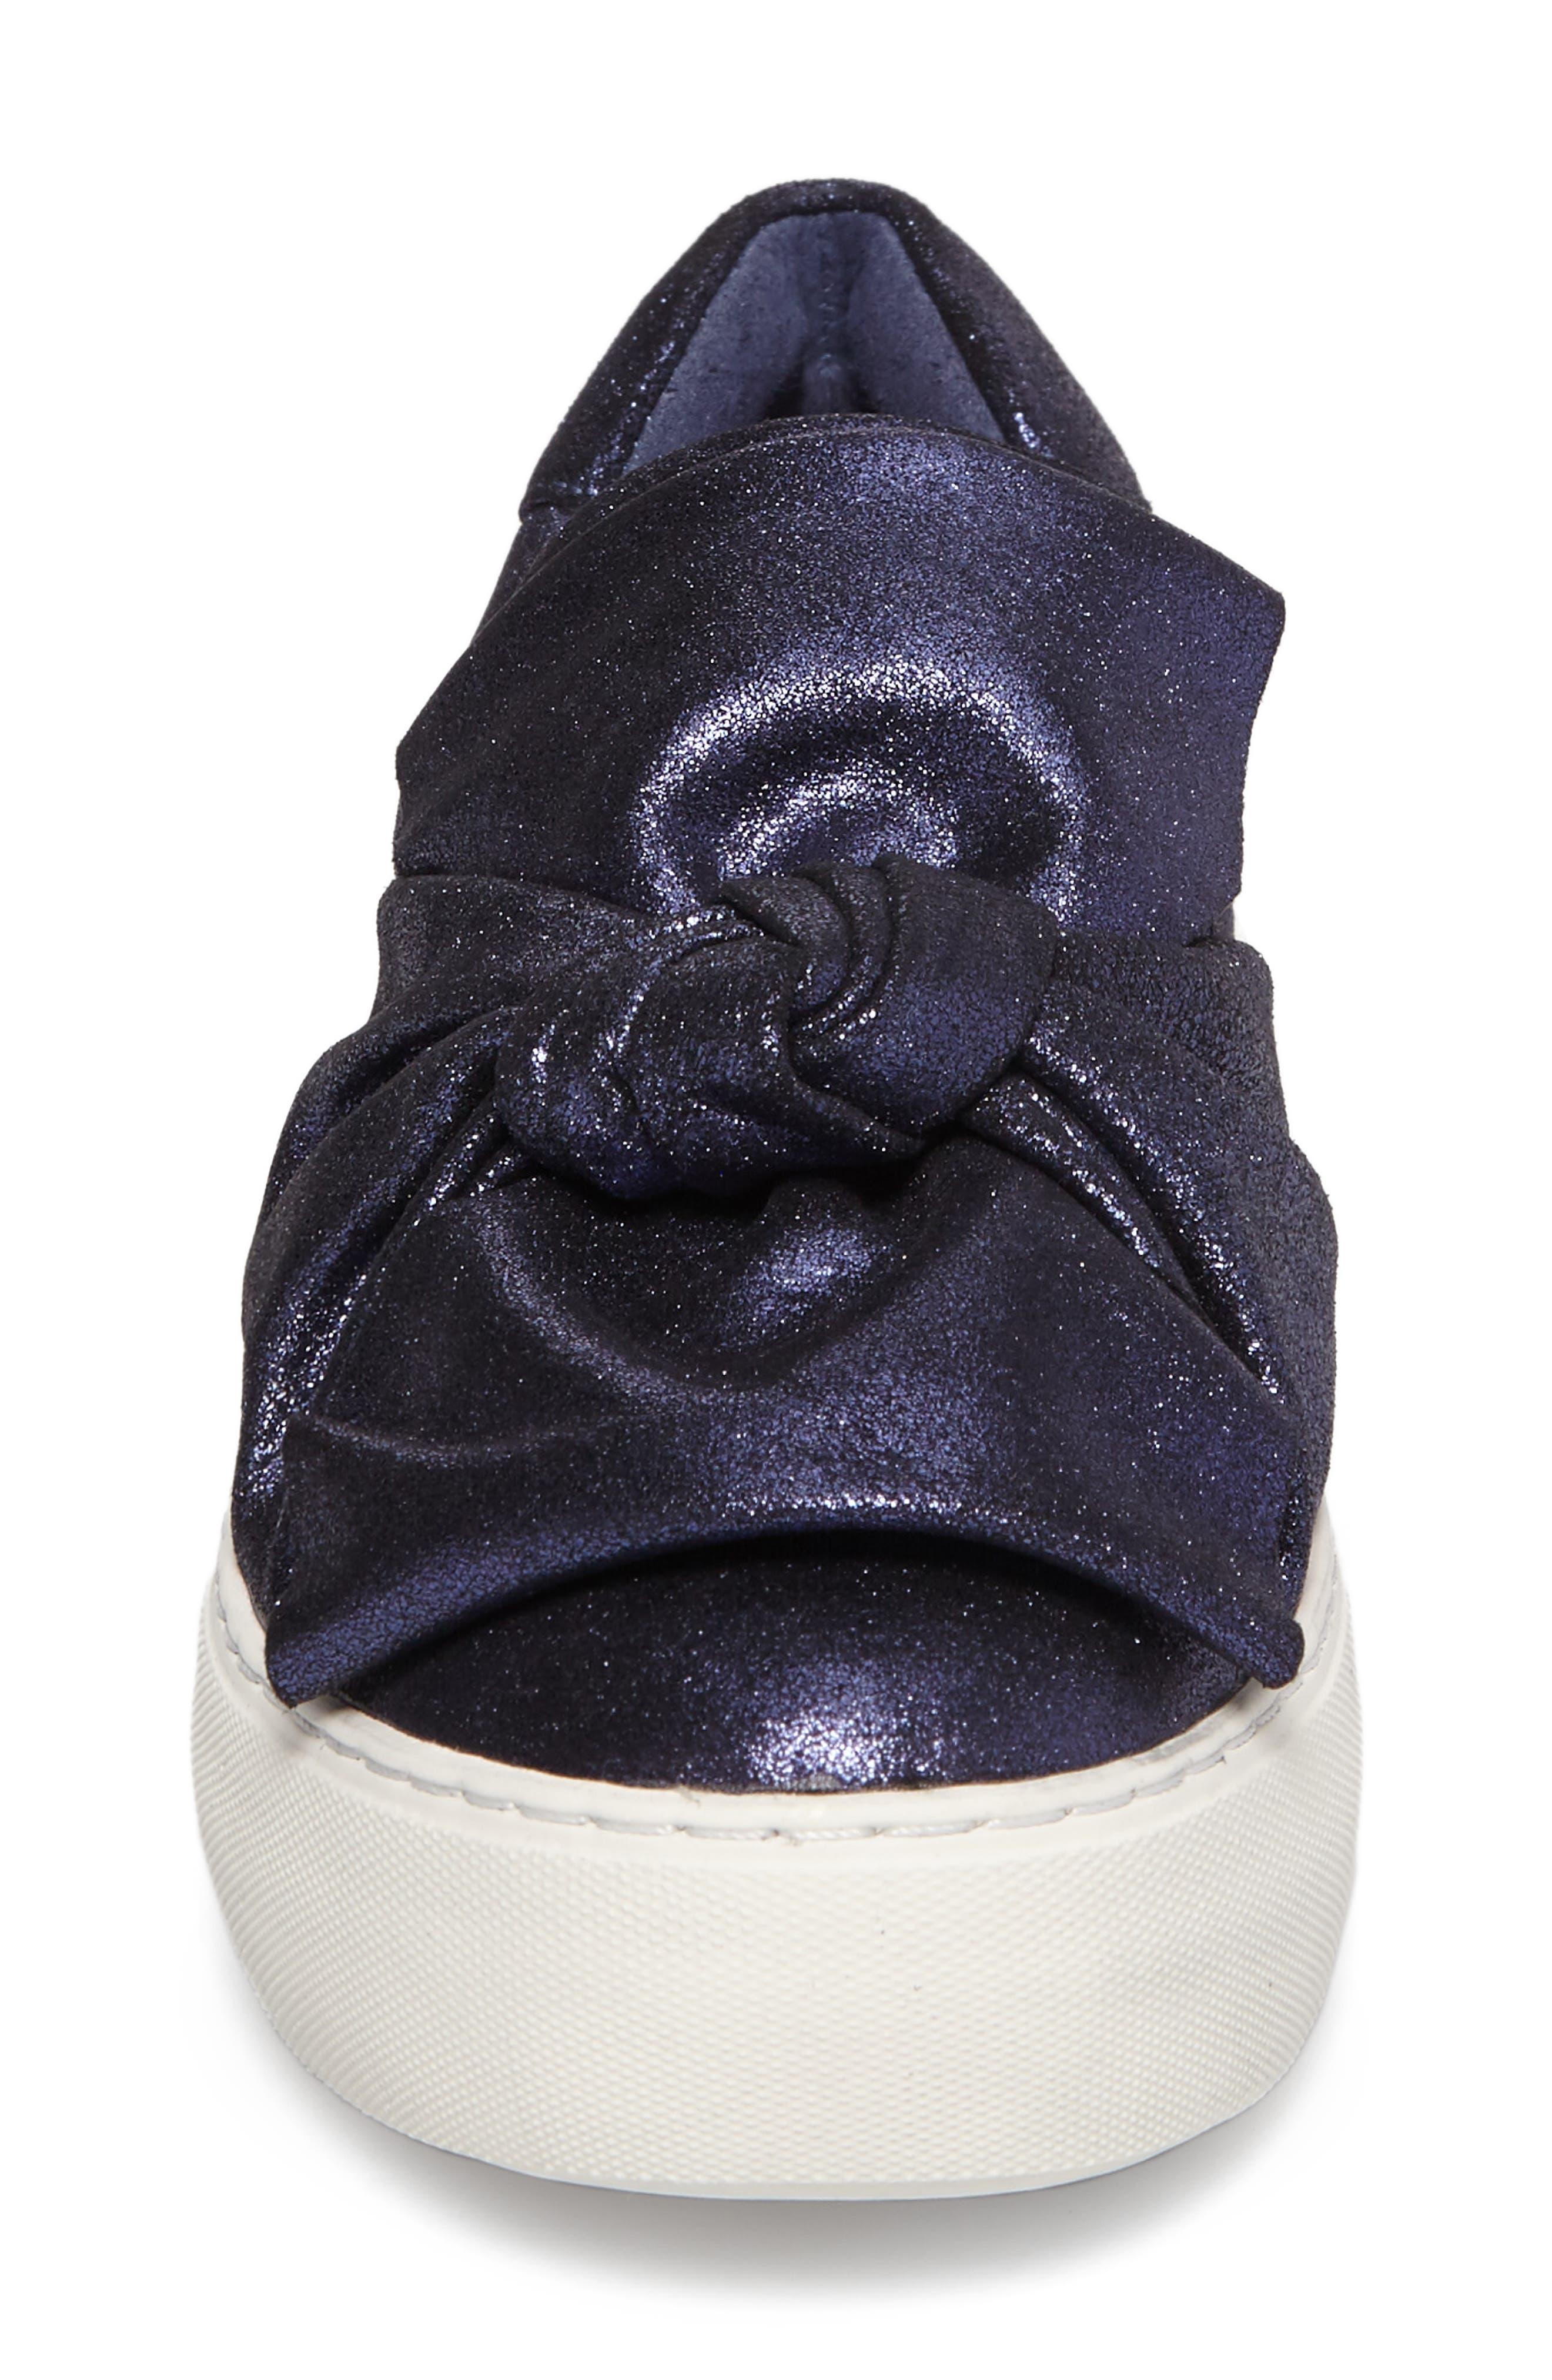 Audra Slip-On Sneaker,                             Alternate thumbnail 4, color,                             Navy Leather